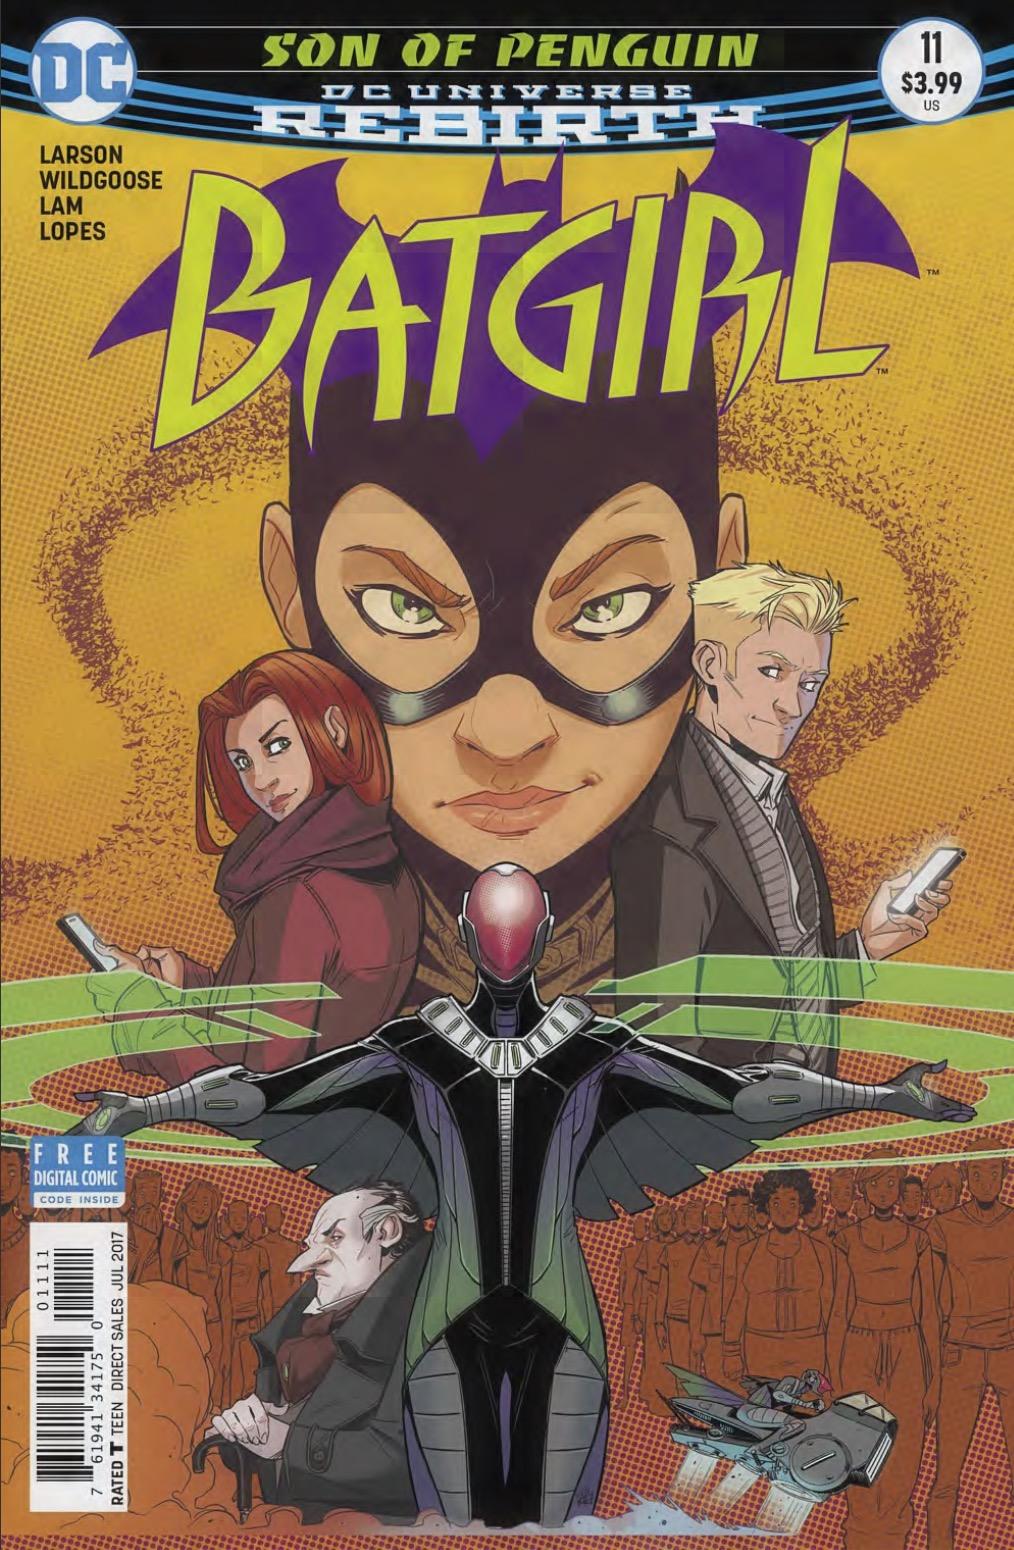 Batgirl #11 Review